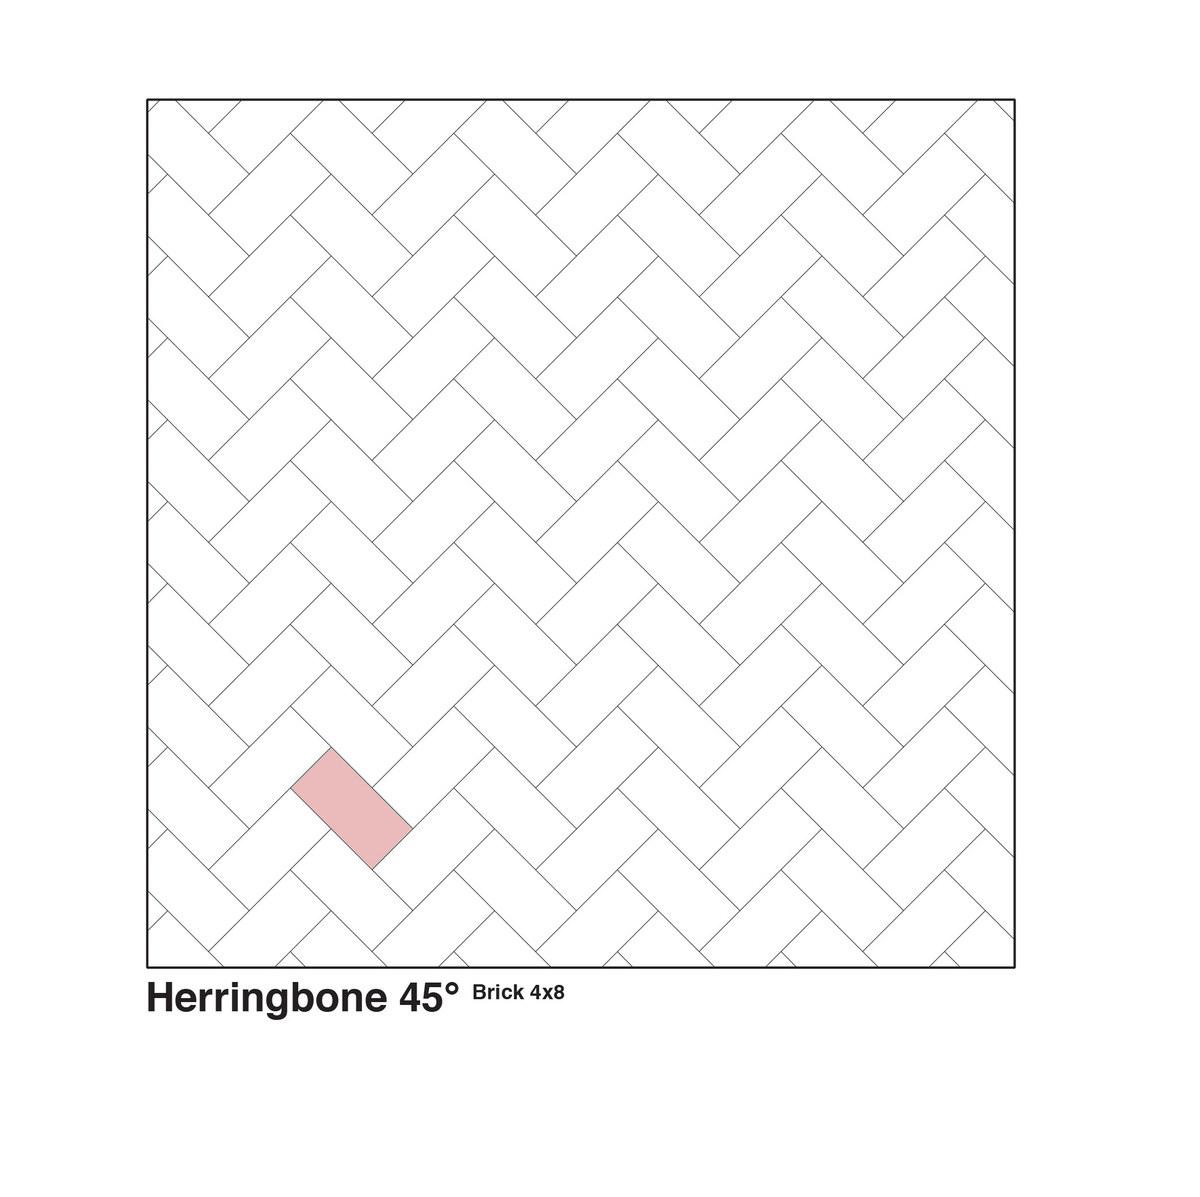 Herringbone 45